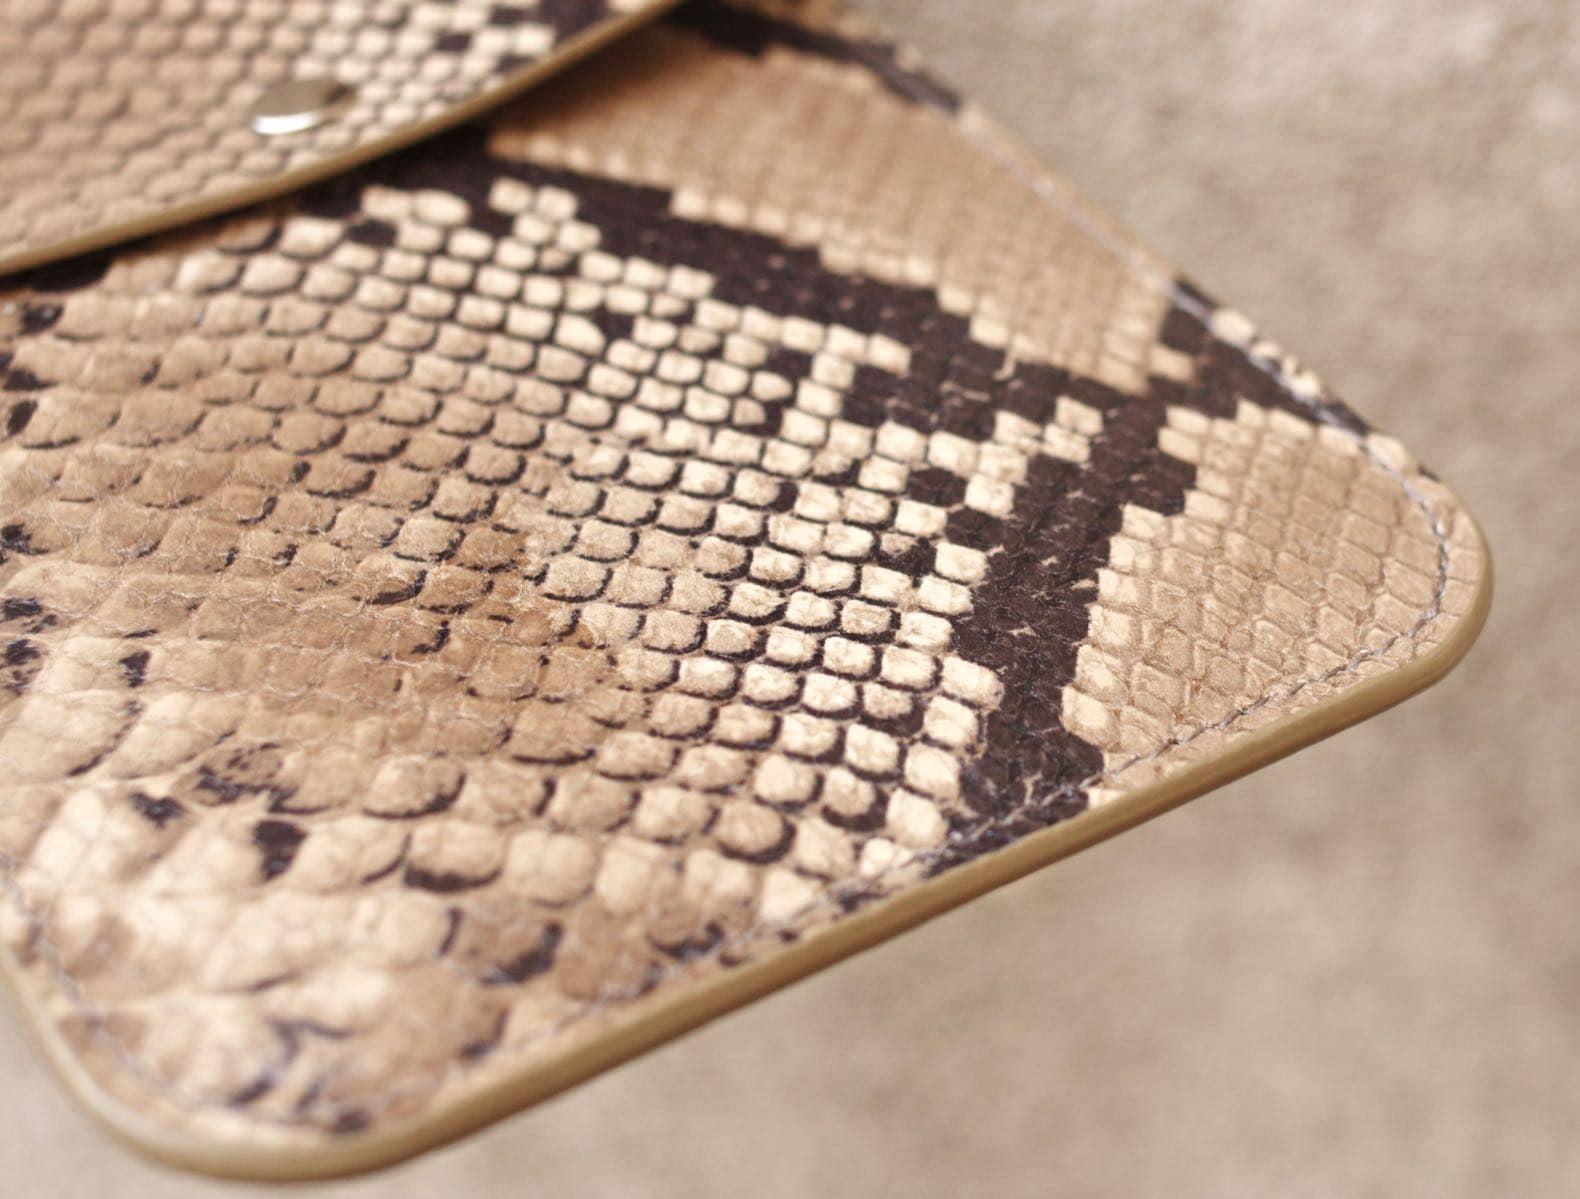 détail faux cuir exotique laperruque python